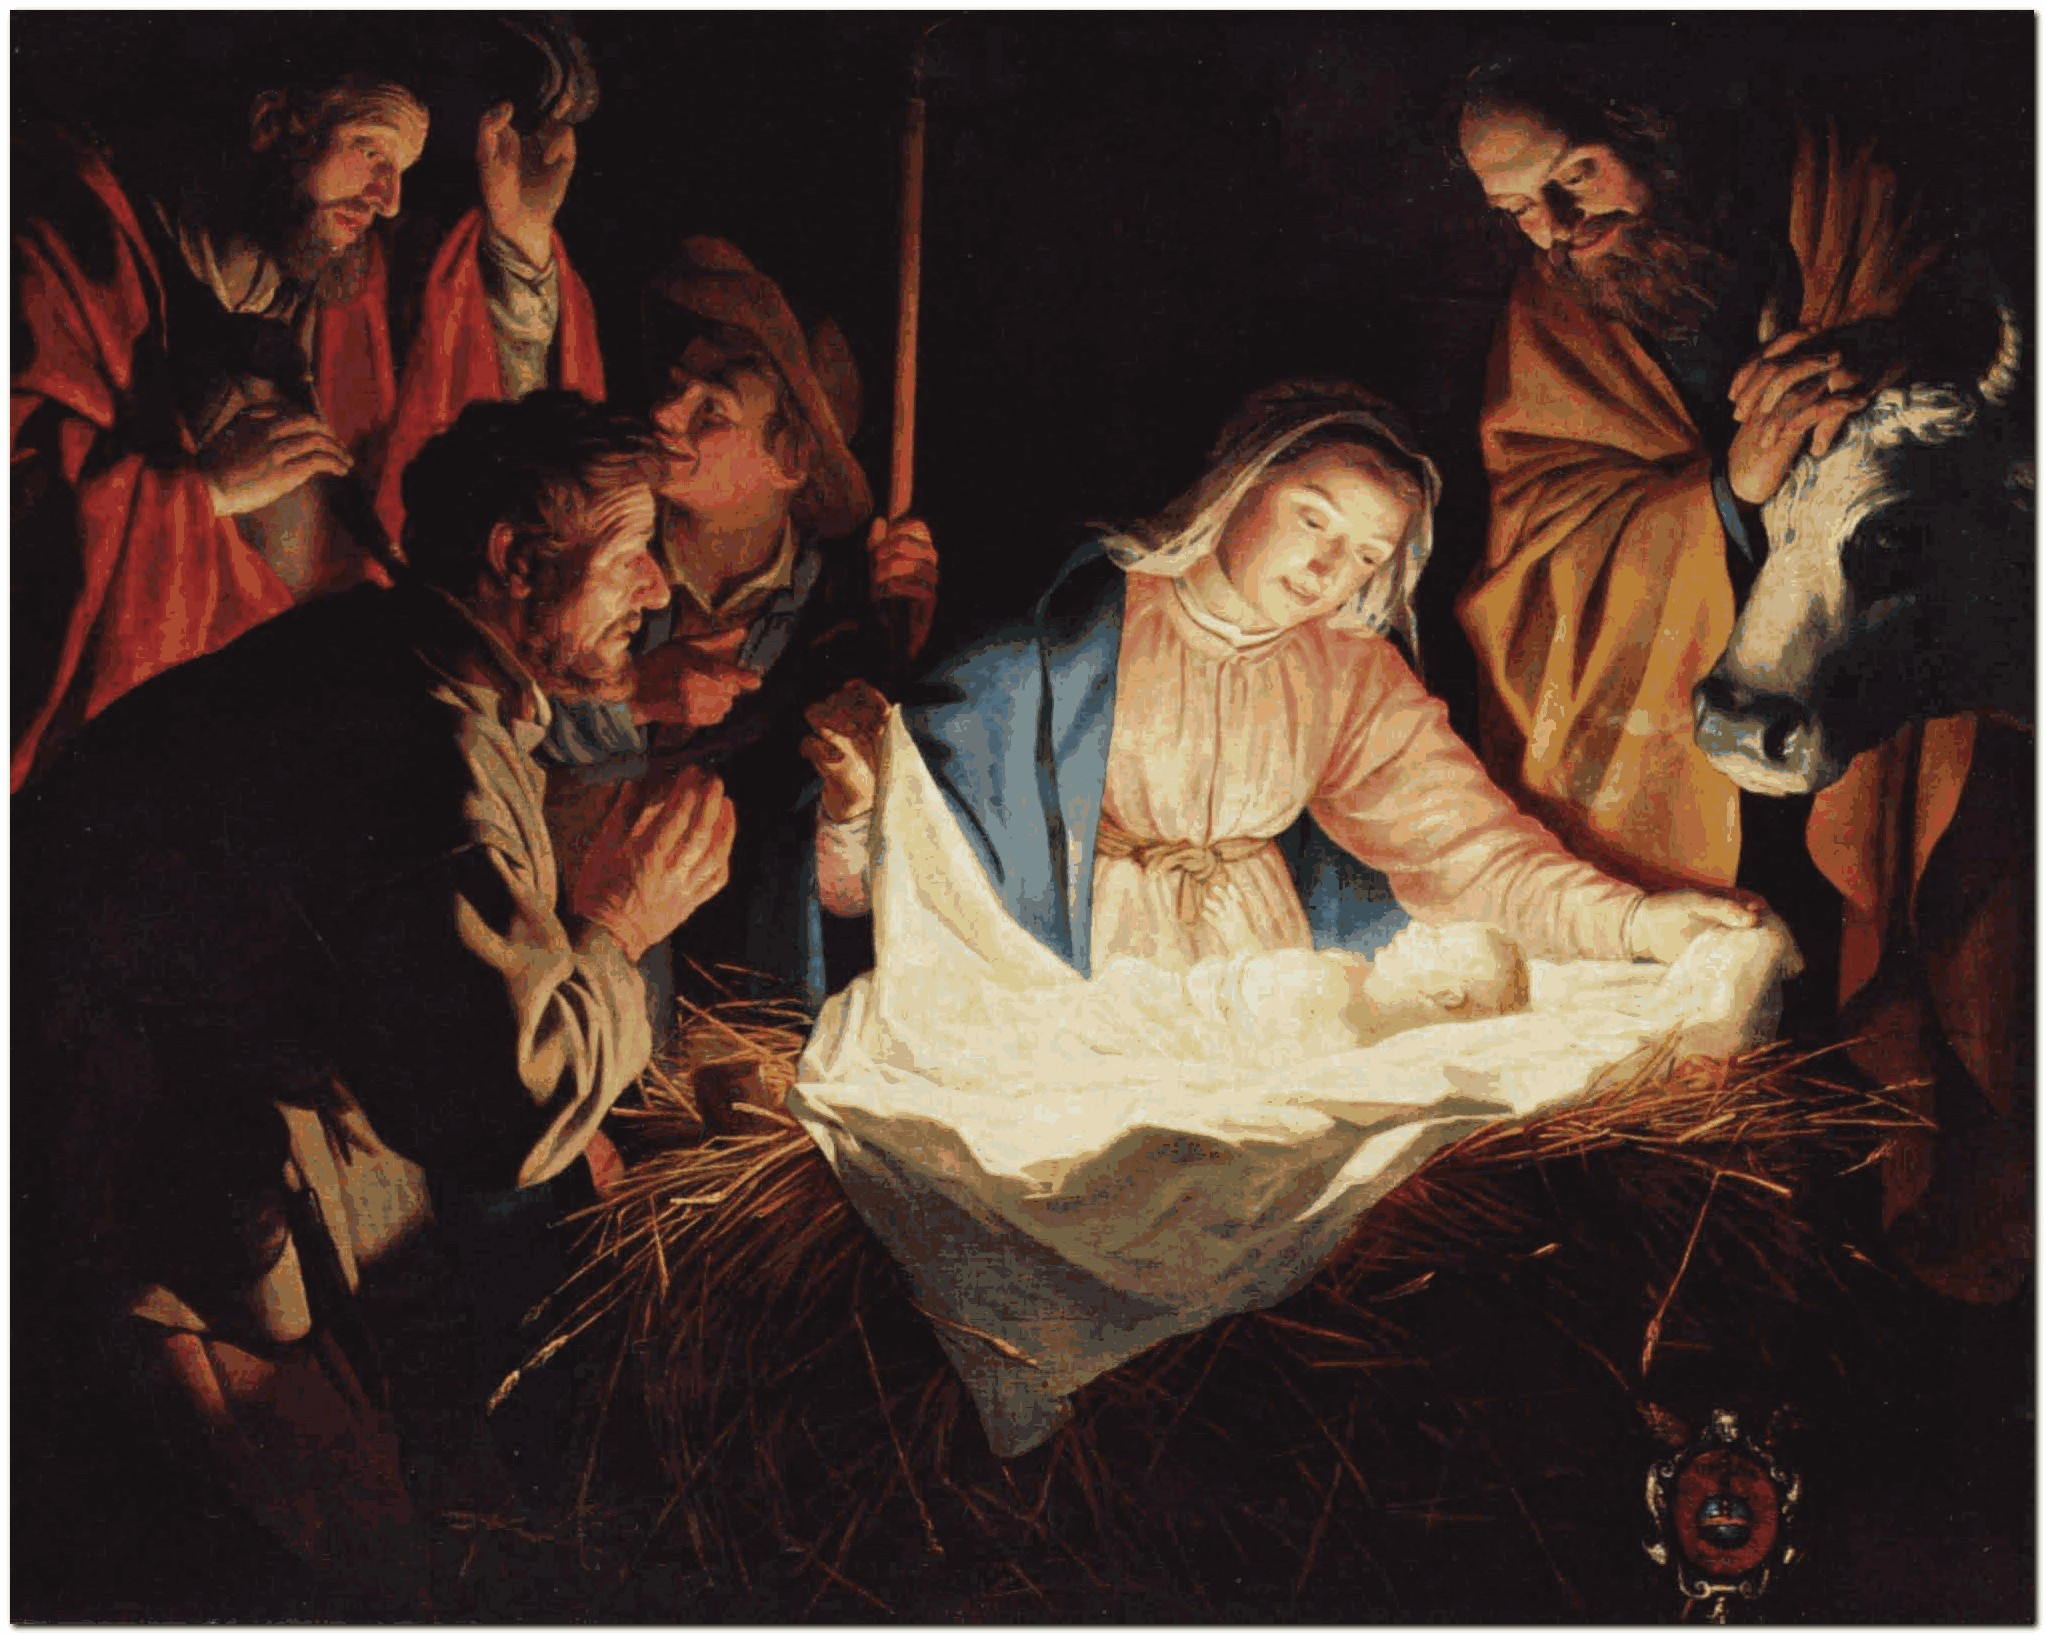 Merry Christmas, Joyeux Noël, Kaj Siab Yes Xus Yug... - Page 3 Christian-christmas-images-37